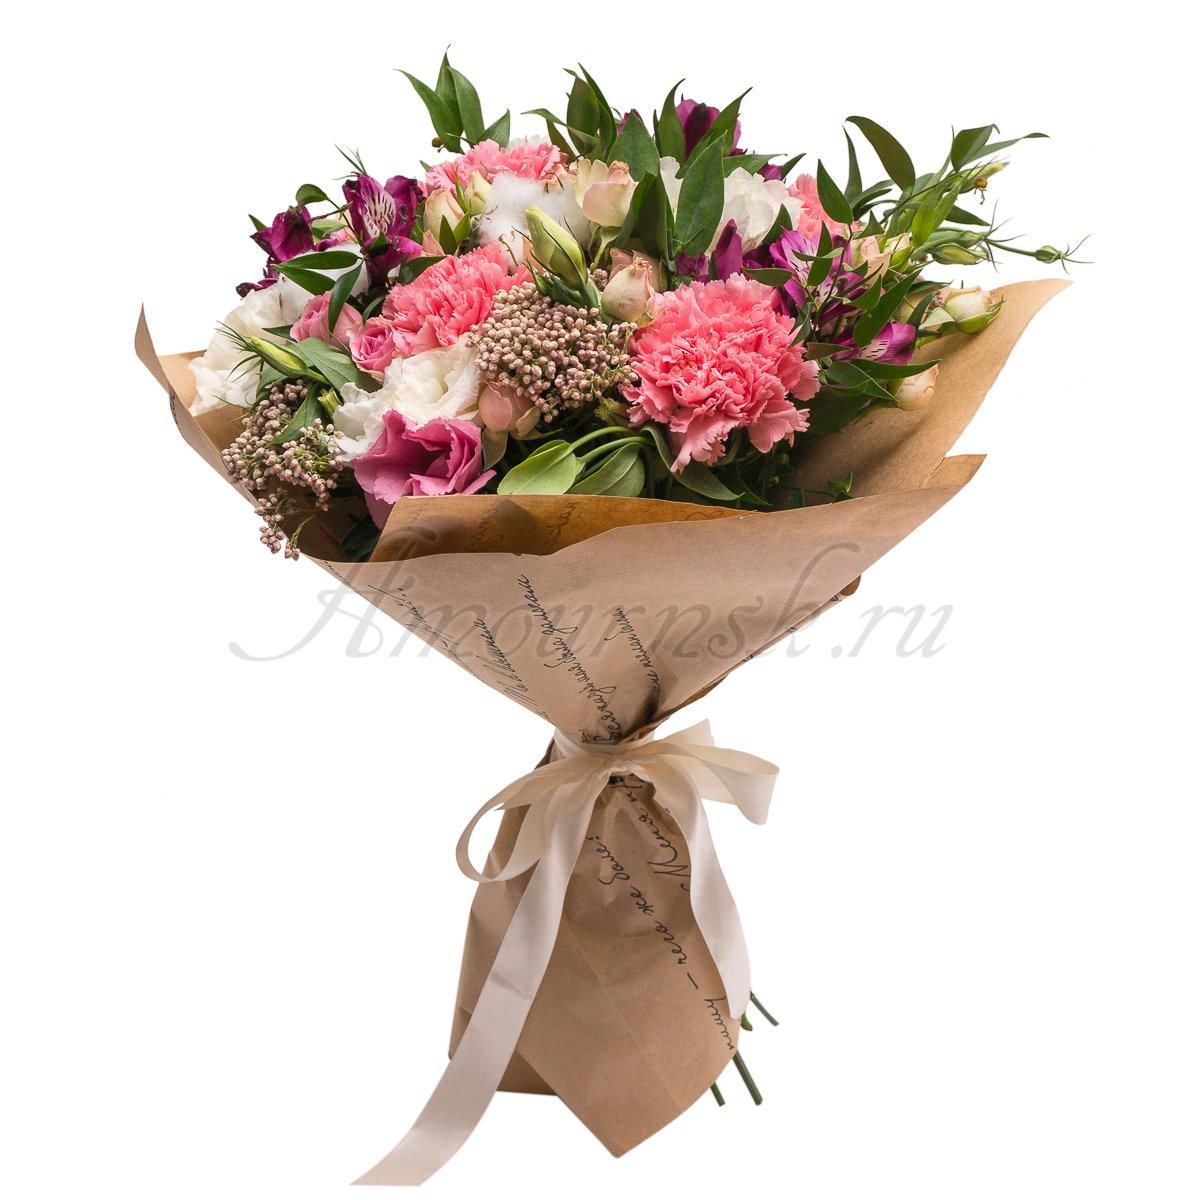 Доставка цветов в новосибирске на дом круглосуточно интимный подарок любимому мужчине